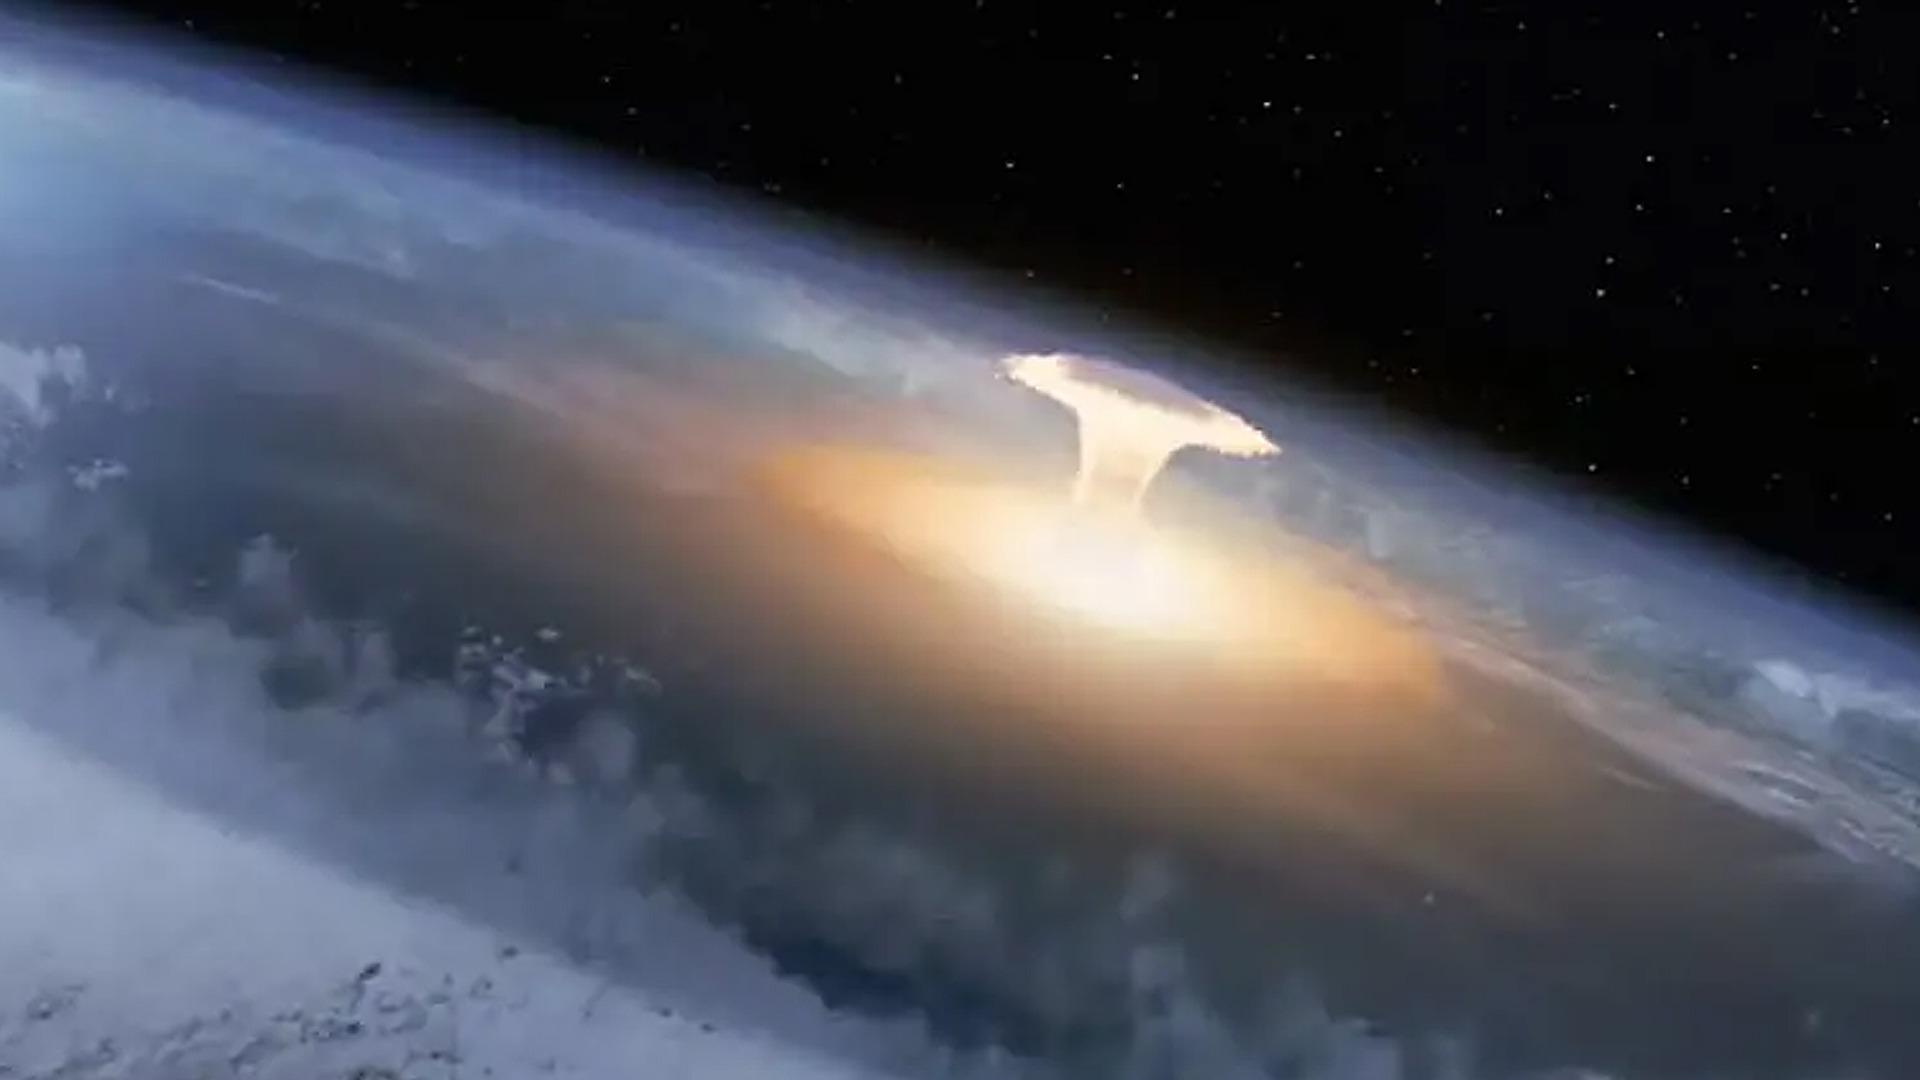 #电影迷的修养#6分钟看科幻电影《天地大冲撞》一颗小行星,竟致数百万人丧生!